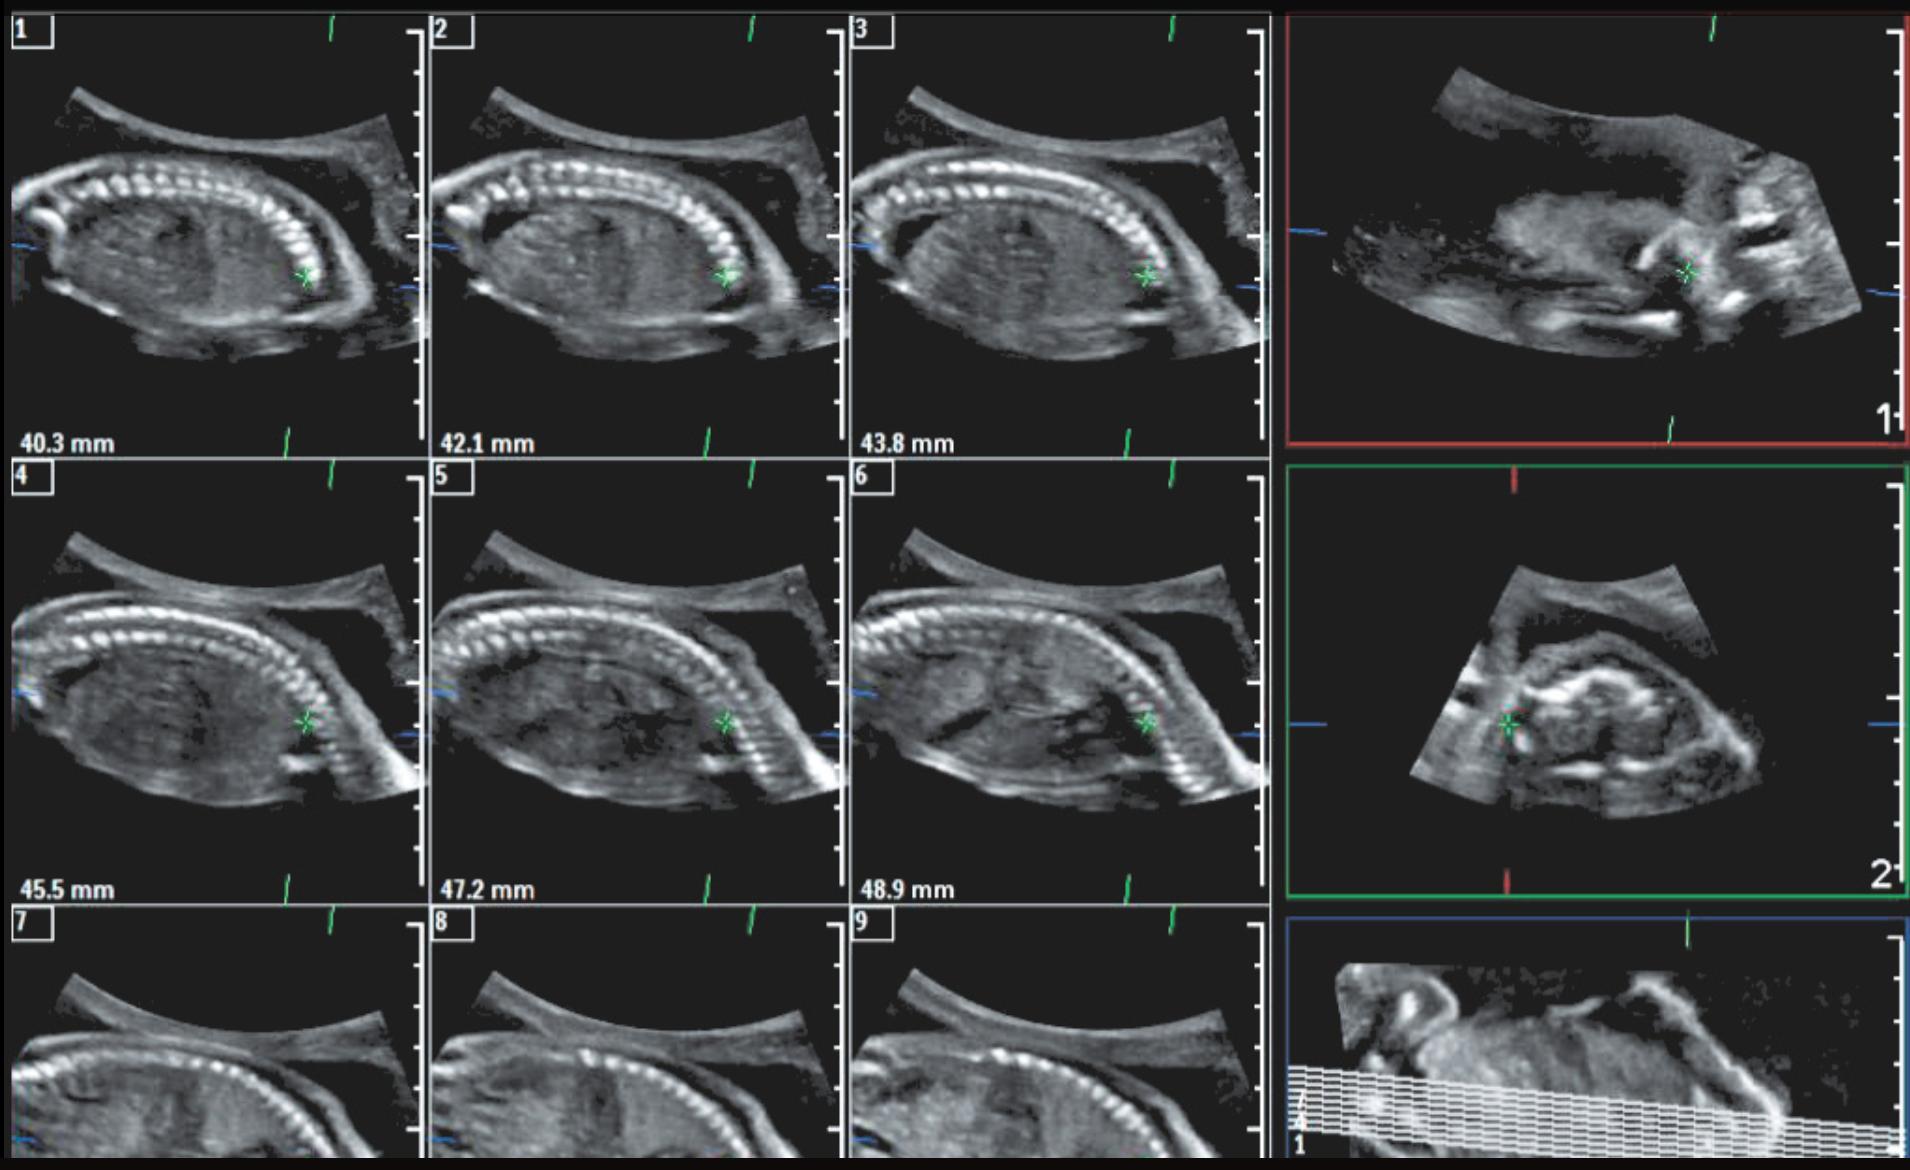 Affiniti 70 - клинические изображения